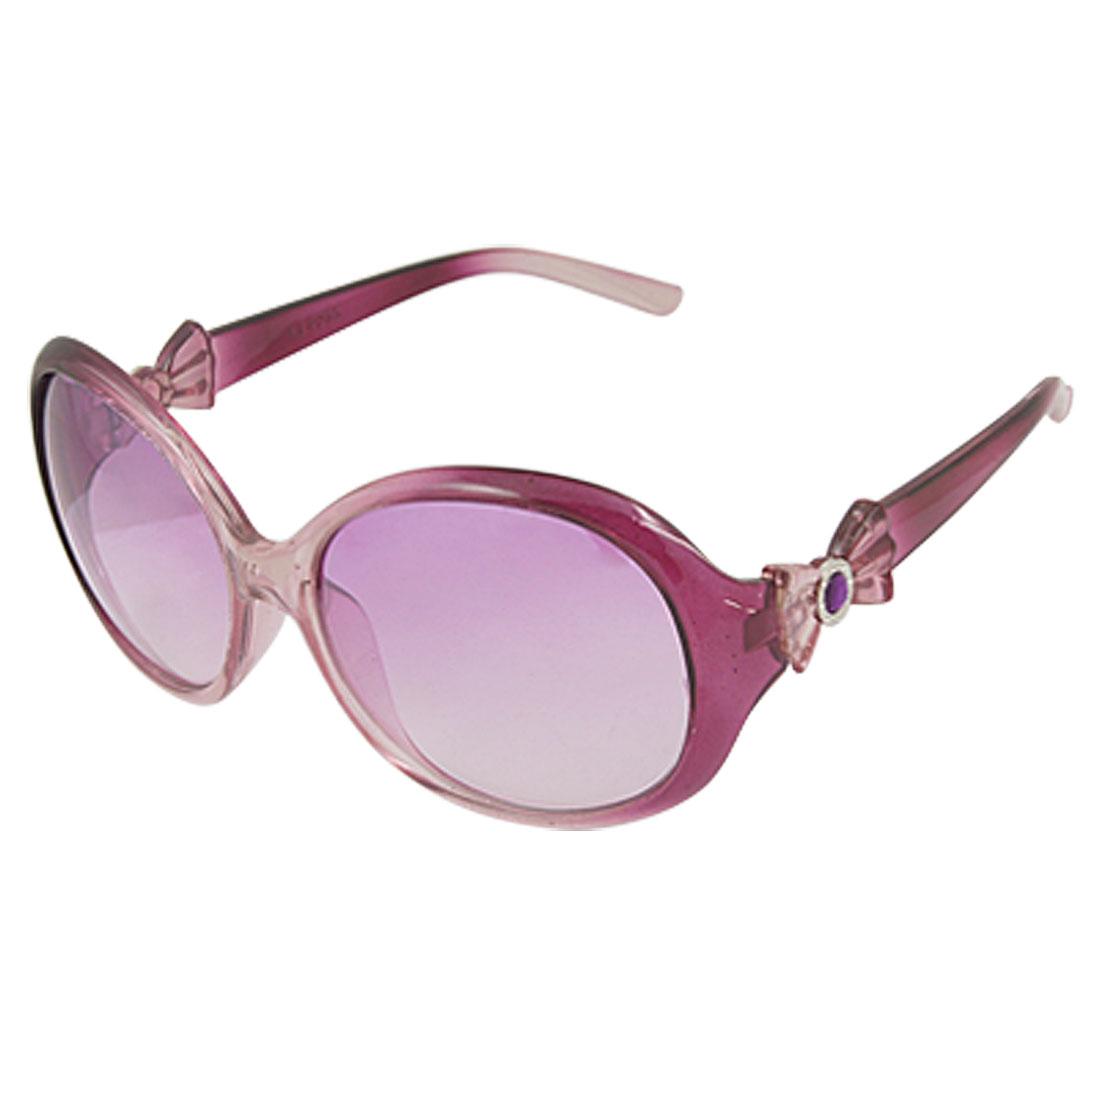 Big Oval Lens Plastic Full Frame Sunglasses for Ladies